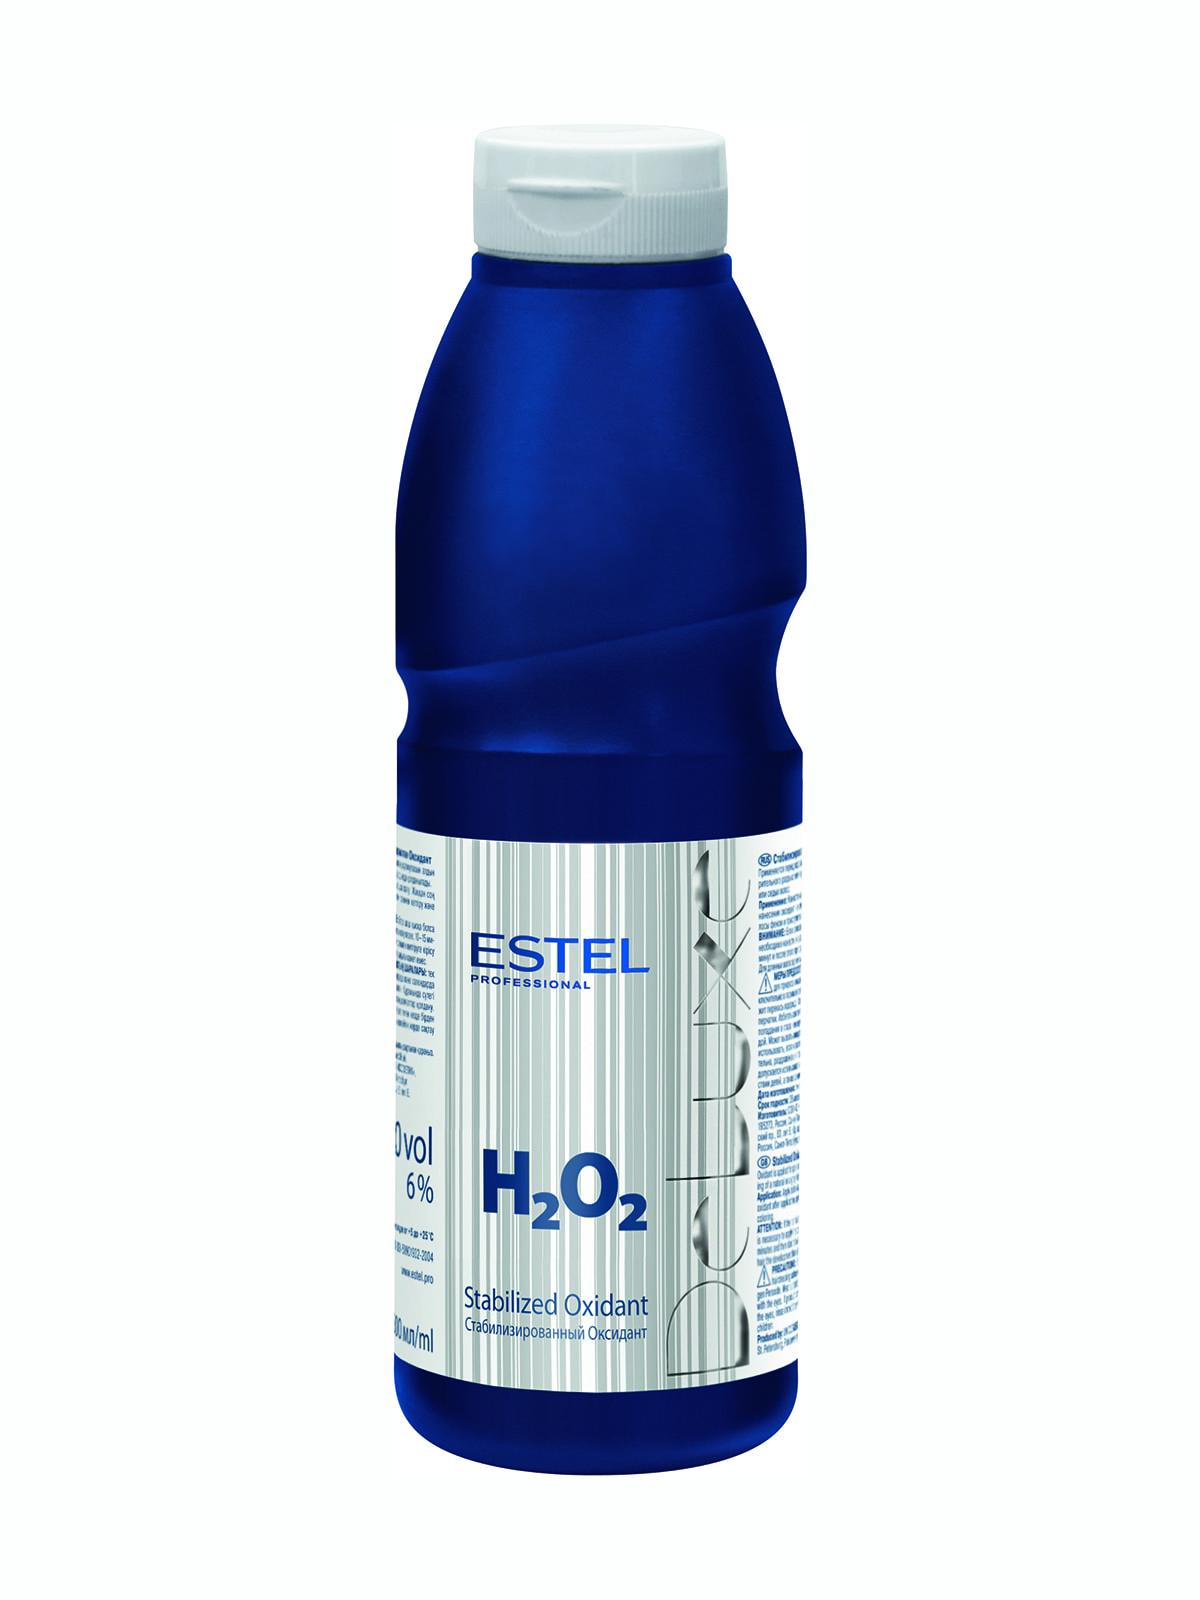 Стабилизированный оксидант для волос (6 %) De Luxe (500 мл) | 4693901